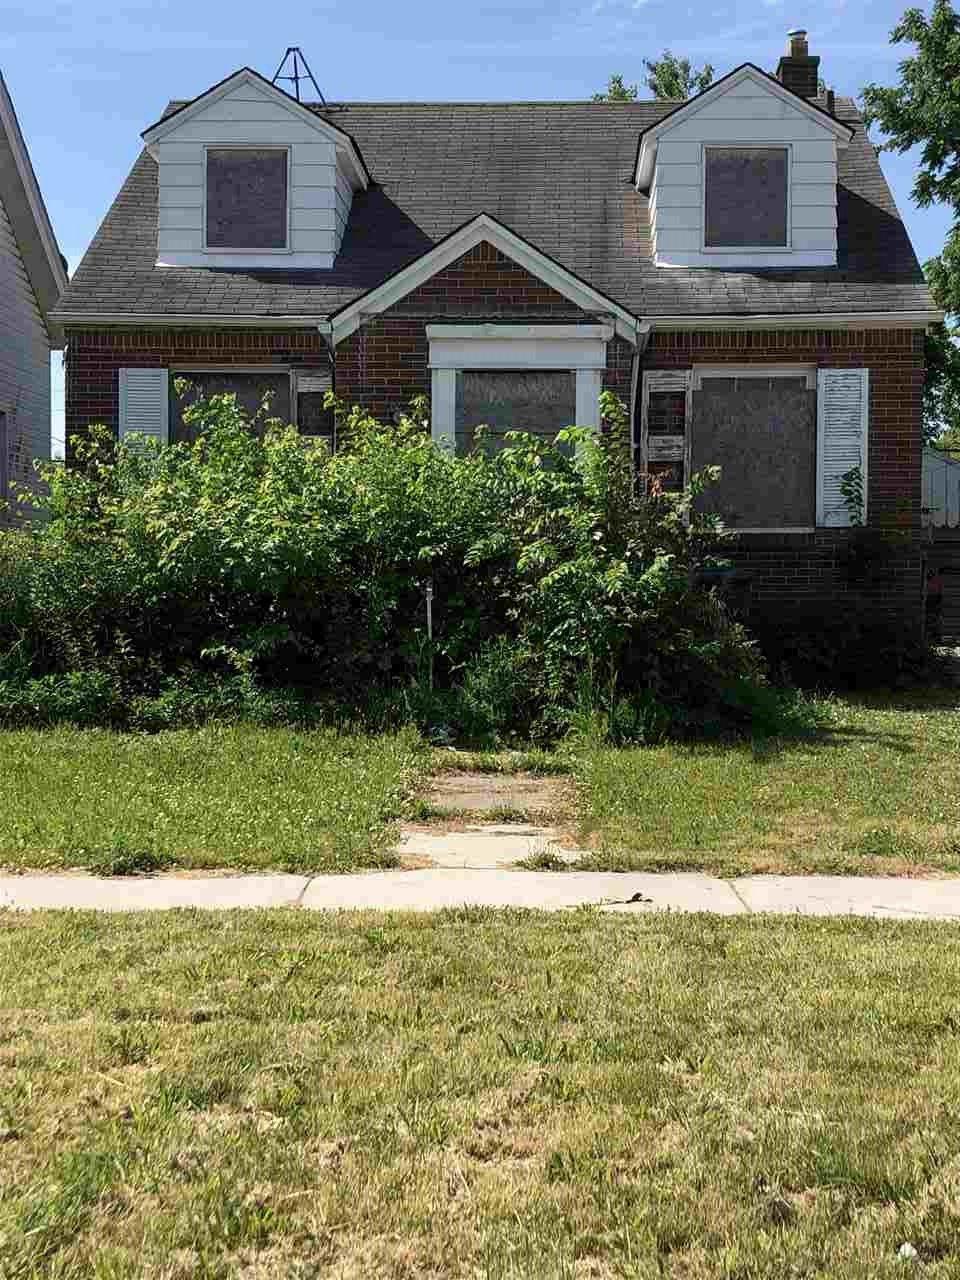 14564 Lappin, Detroit, MI 48205 - #: 50015949